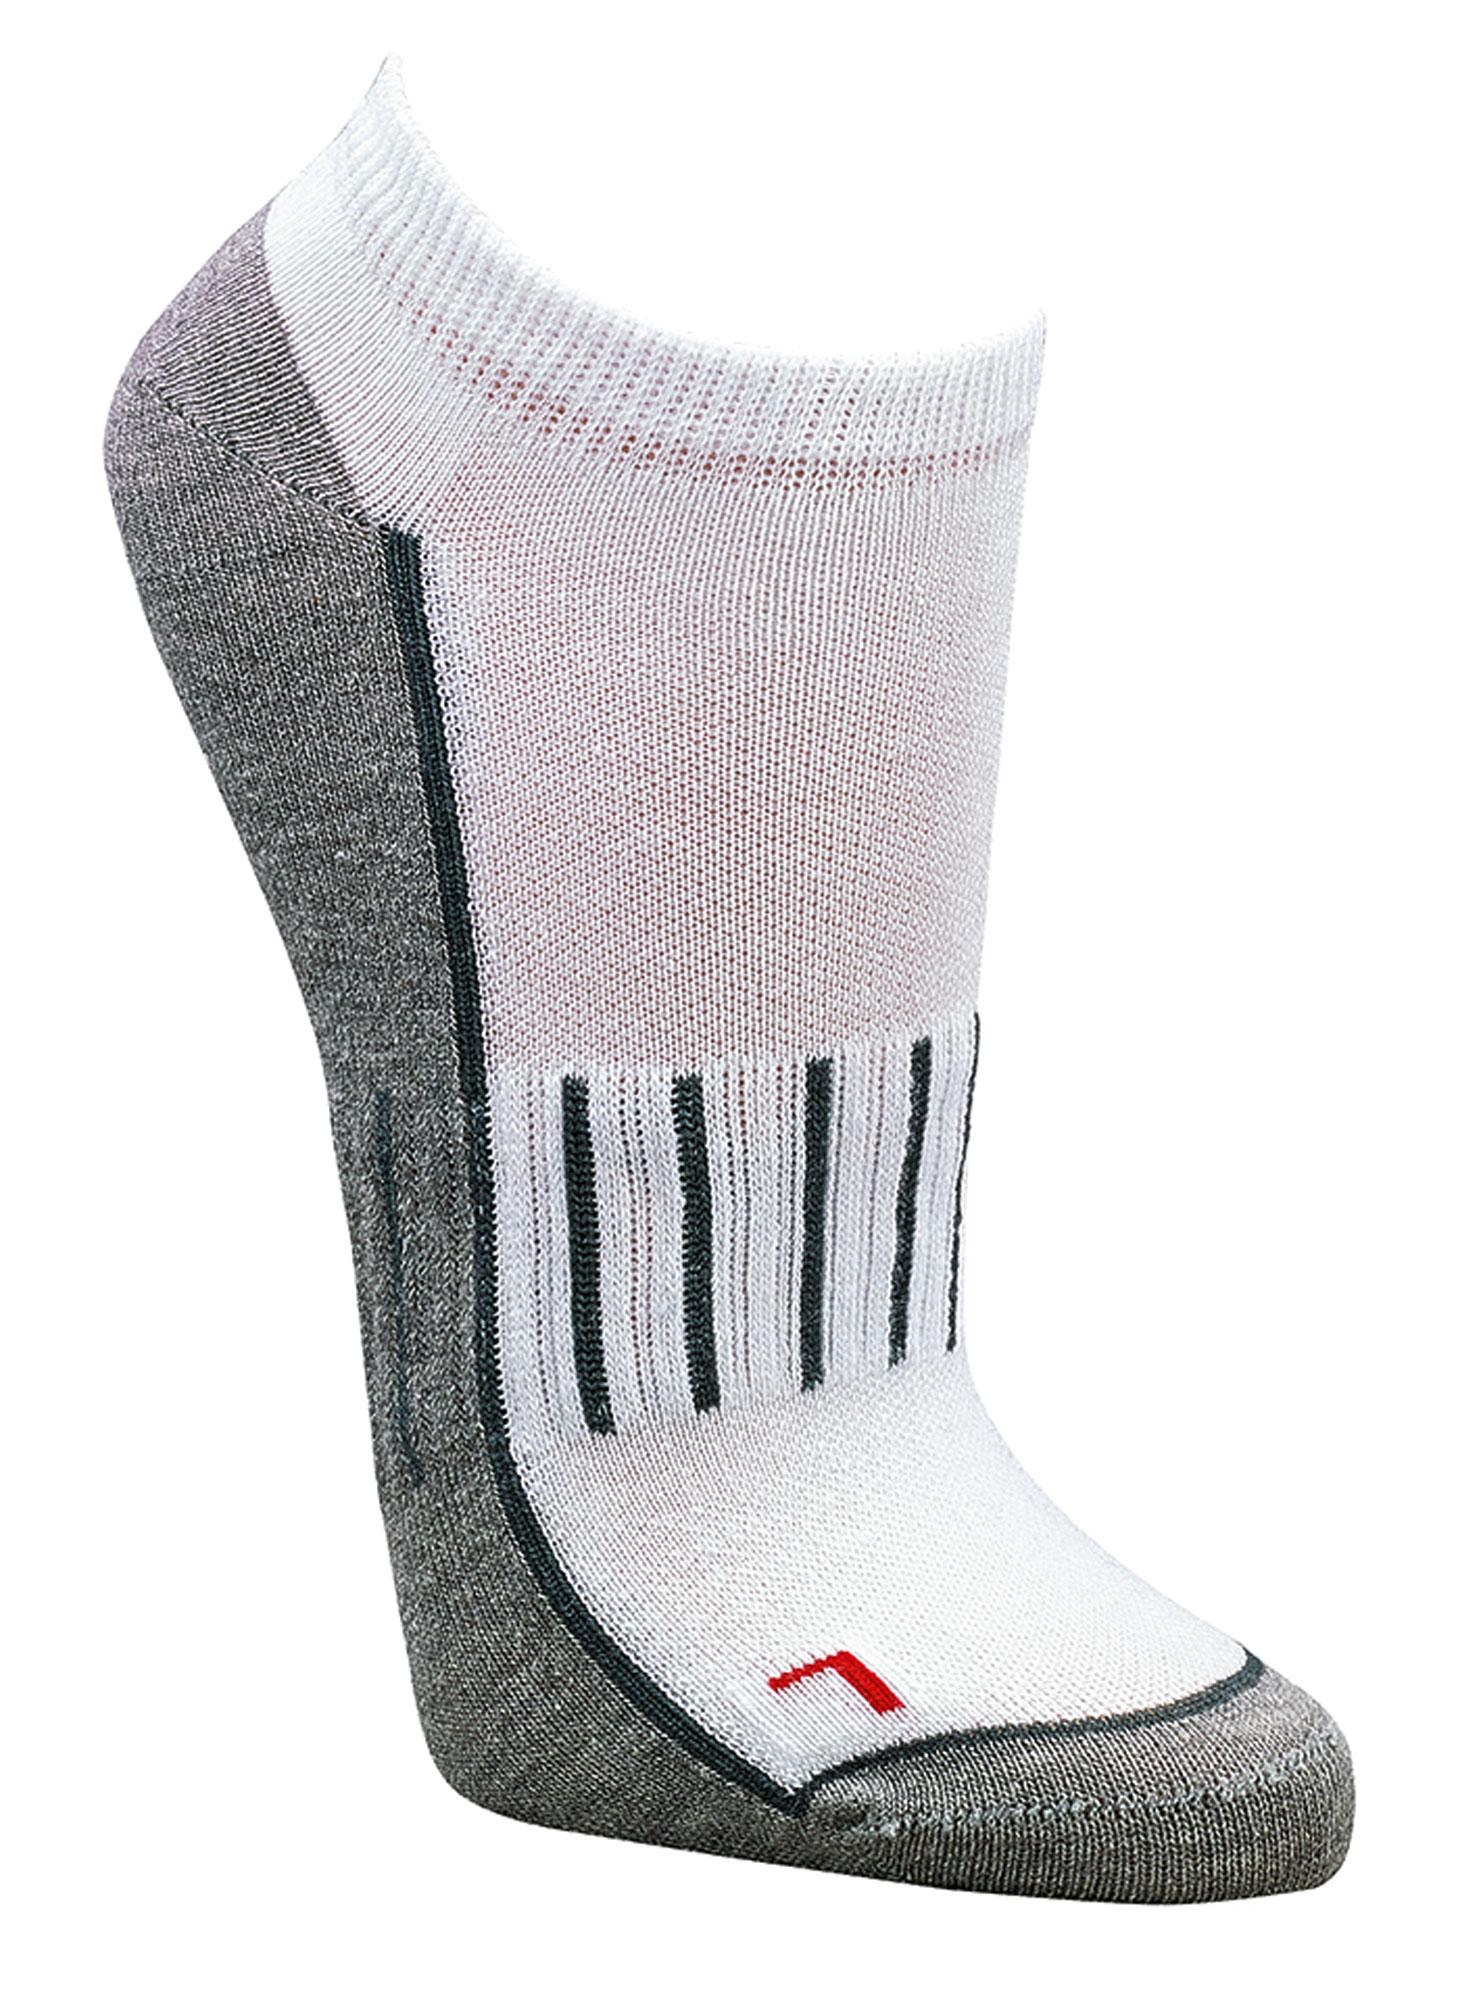 Športne Funkcionalne prezračevalne nogavice 4